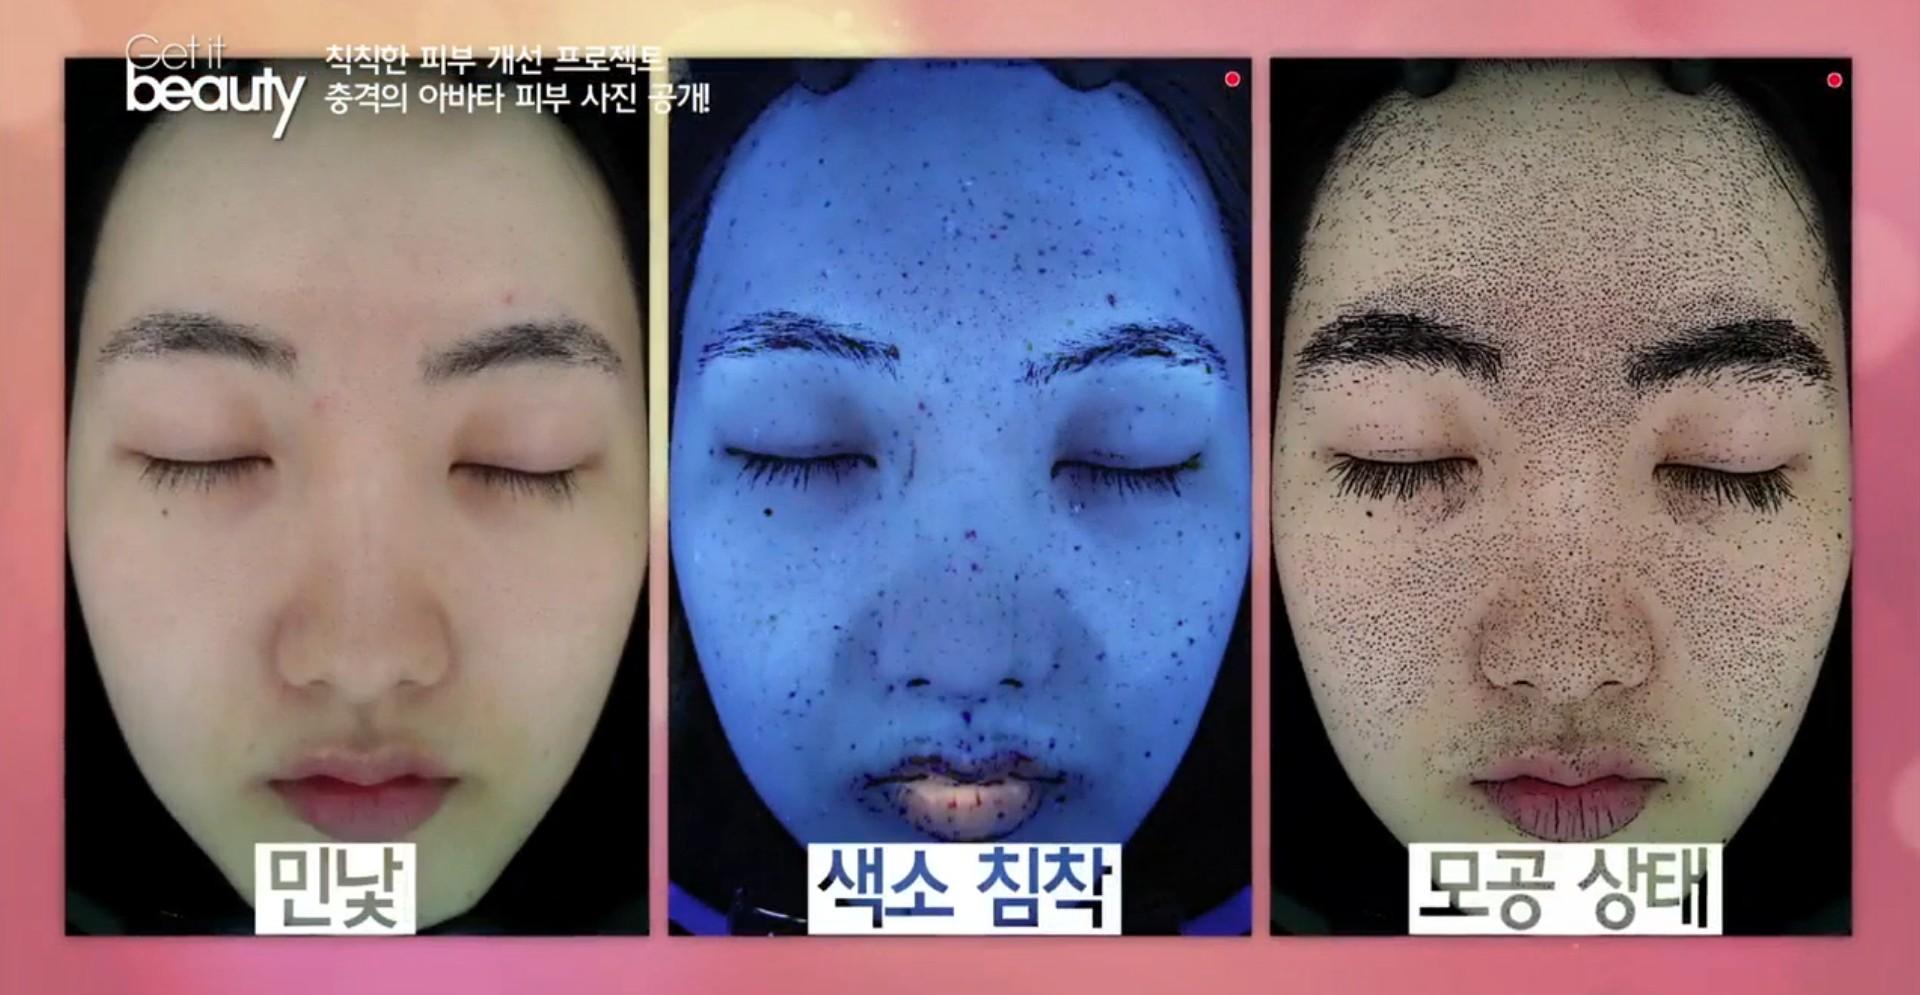 不過,透過更精密的儀器會發現,原來臉上有這麼多黑色素沉澱(中圖),另外被阻塞的粗大毛孔(右圖)也超誇張的啦~我們如果去做肌膚檢查可能比這還嚴重...